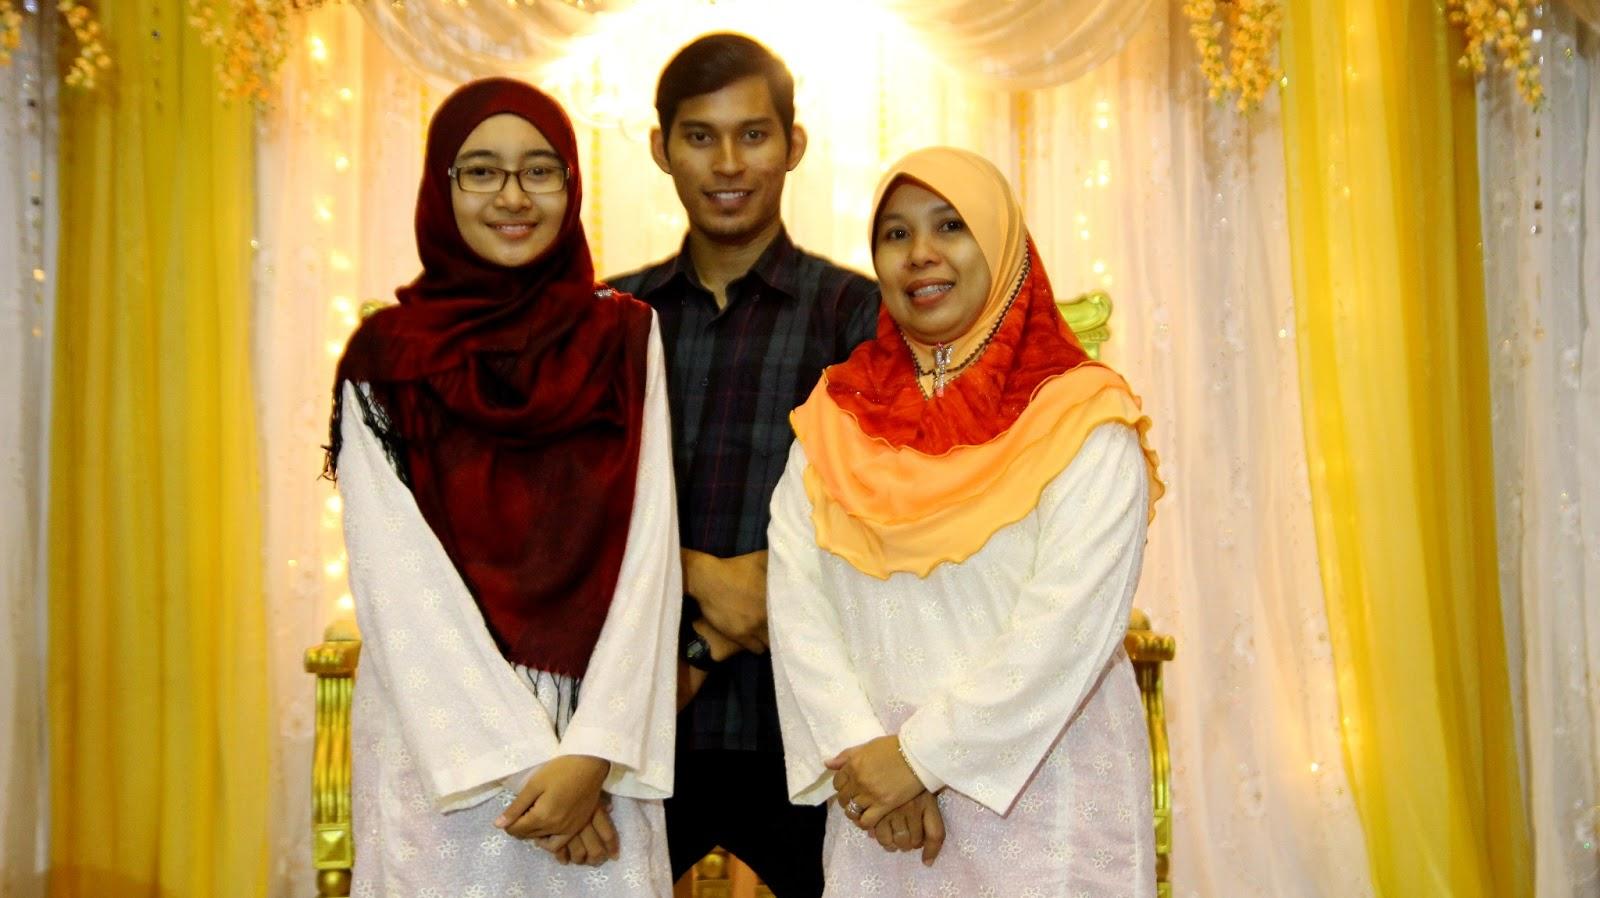 Farah klang and gadis desa - 3 5